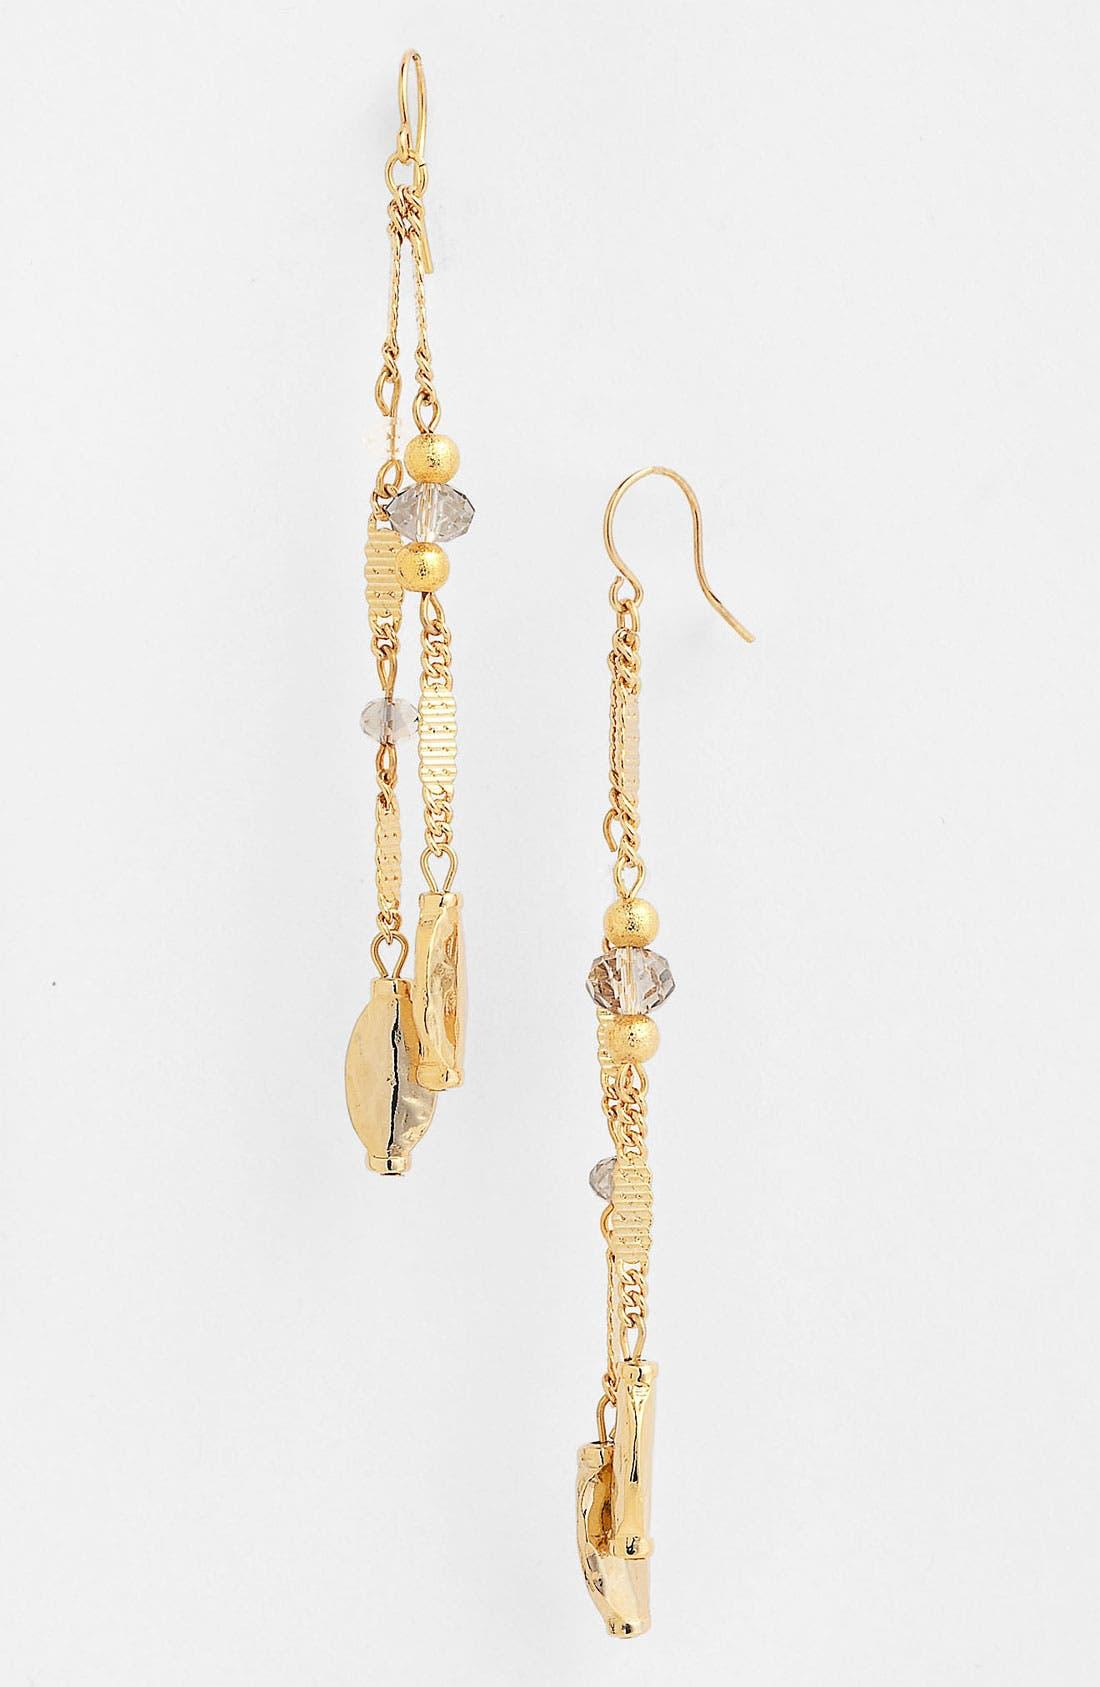 Alternate Image 1 Selected - Nordstrom 'Sand Dollar' Linear Earrings